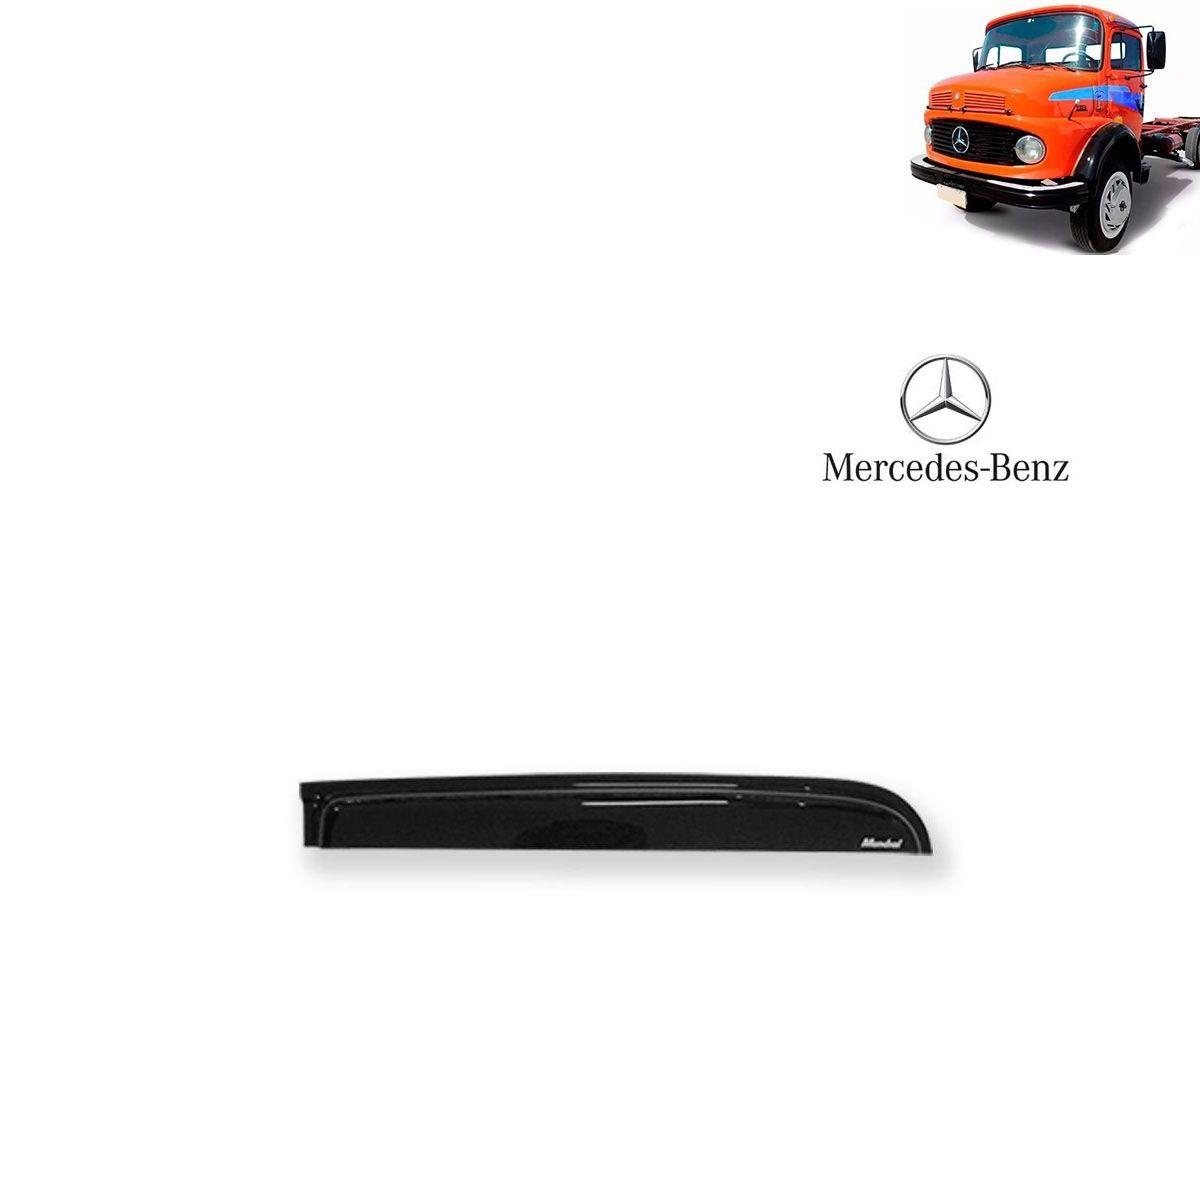 Calha de Chuva Porta para Caminhão Mercedes Benz 1113 - 1114 Adesiva Reta